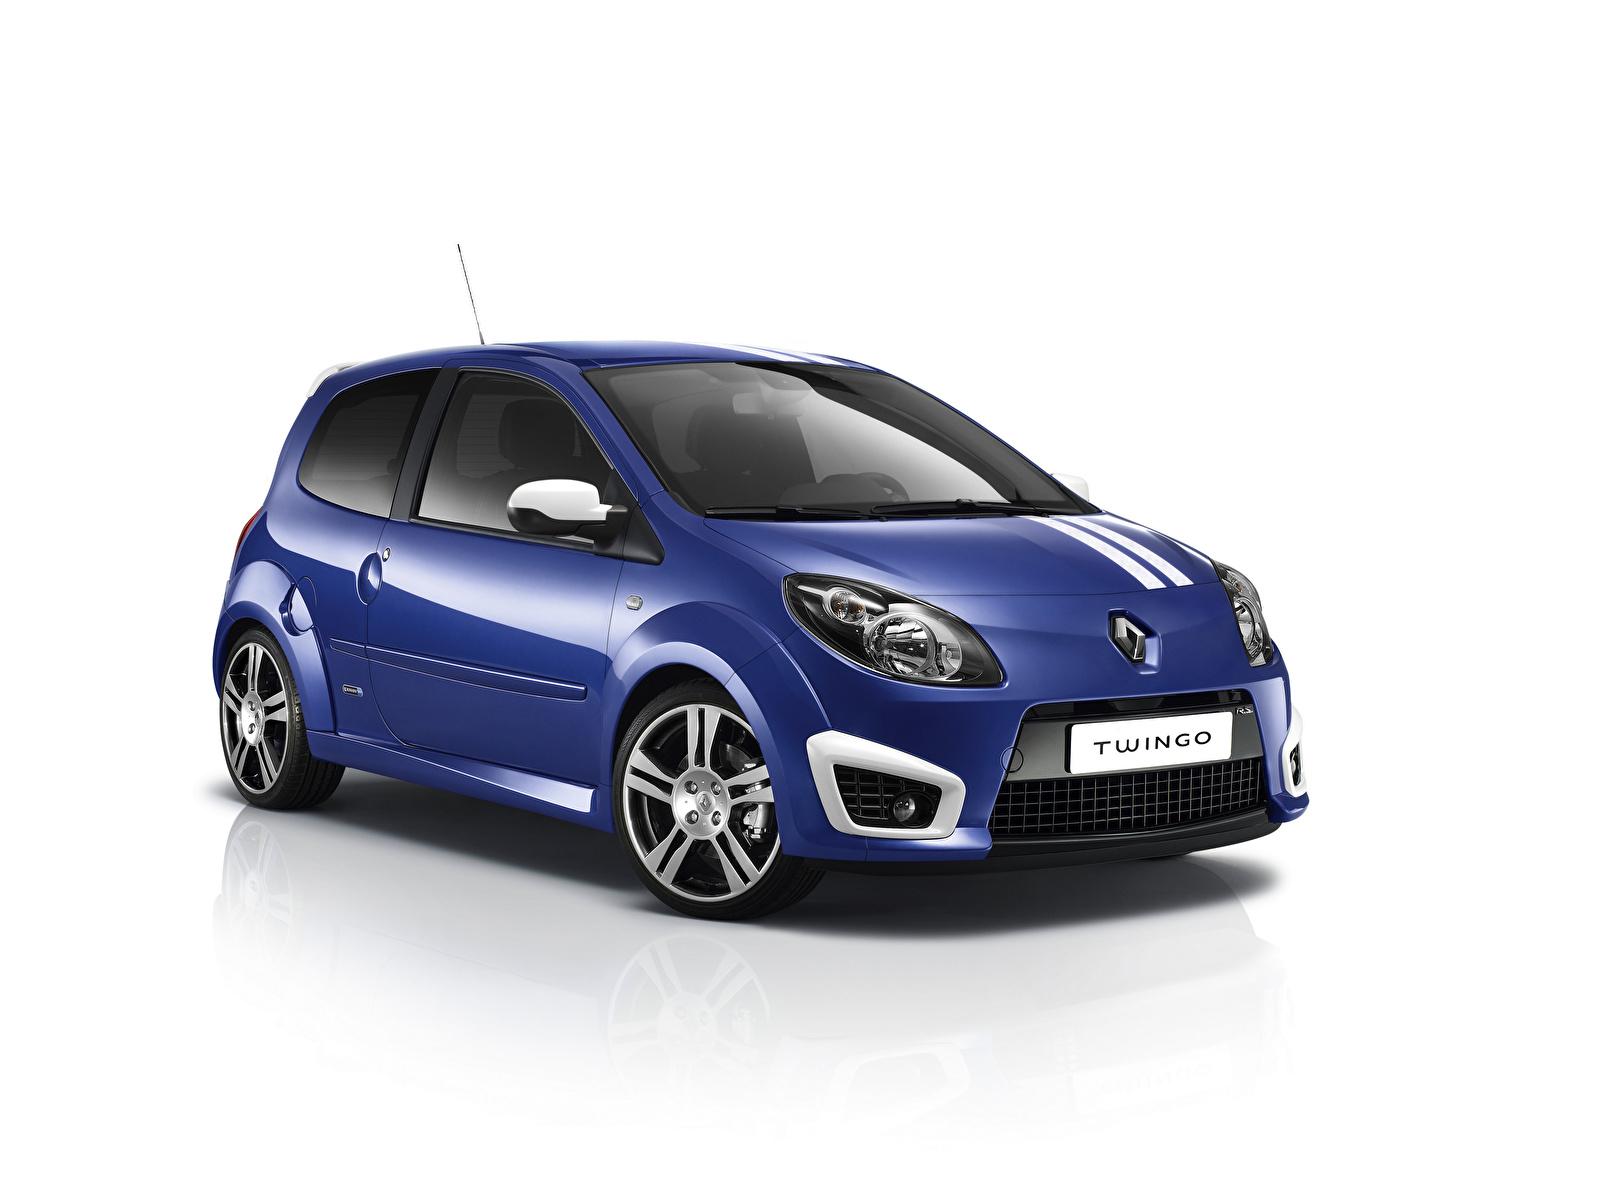 Fotos Renault Blau Autos Metallisch Weißer hintergrund 1600x1200 auto automobil